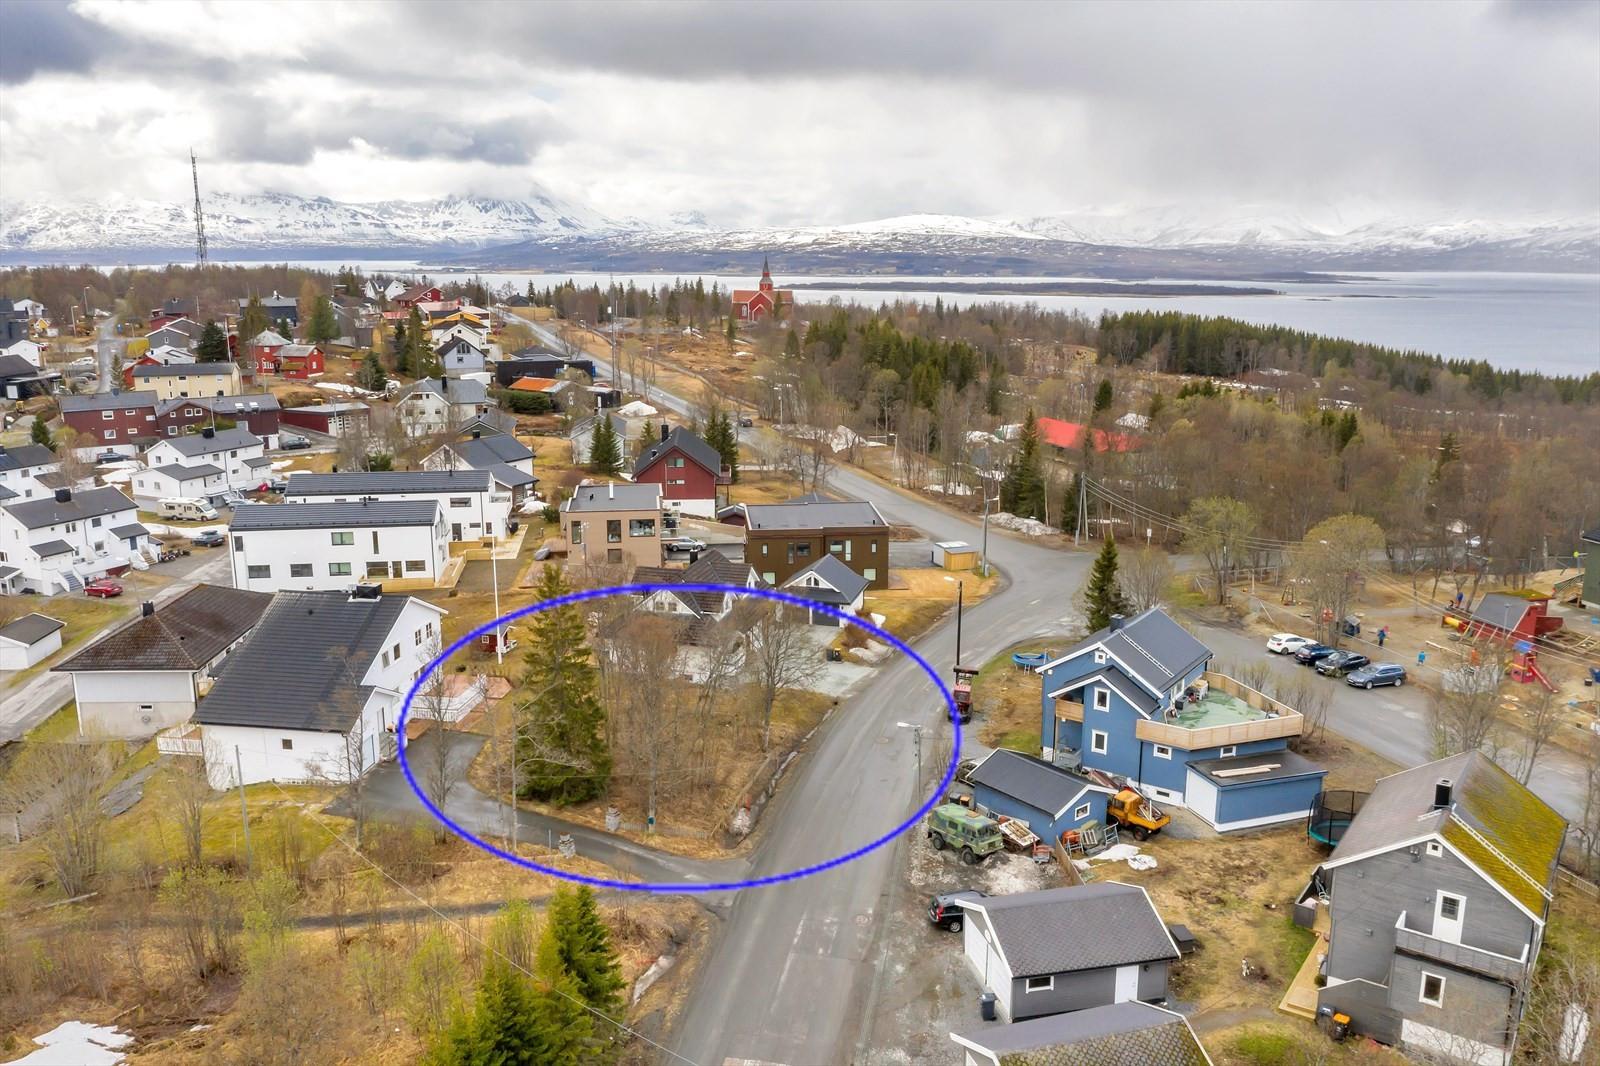 Hjem Eiendomsmegling AS v/ eiendomsmegler Robin I.  Martinsen presenterer boligtomt i Holtvegen 25!